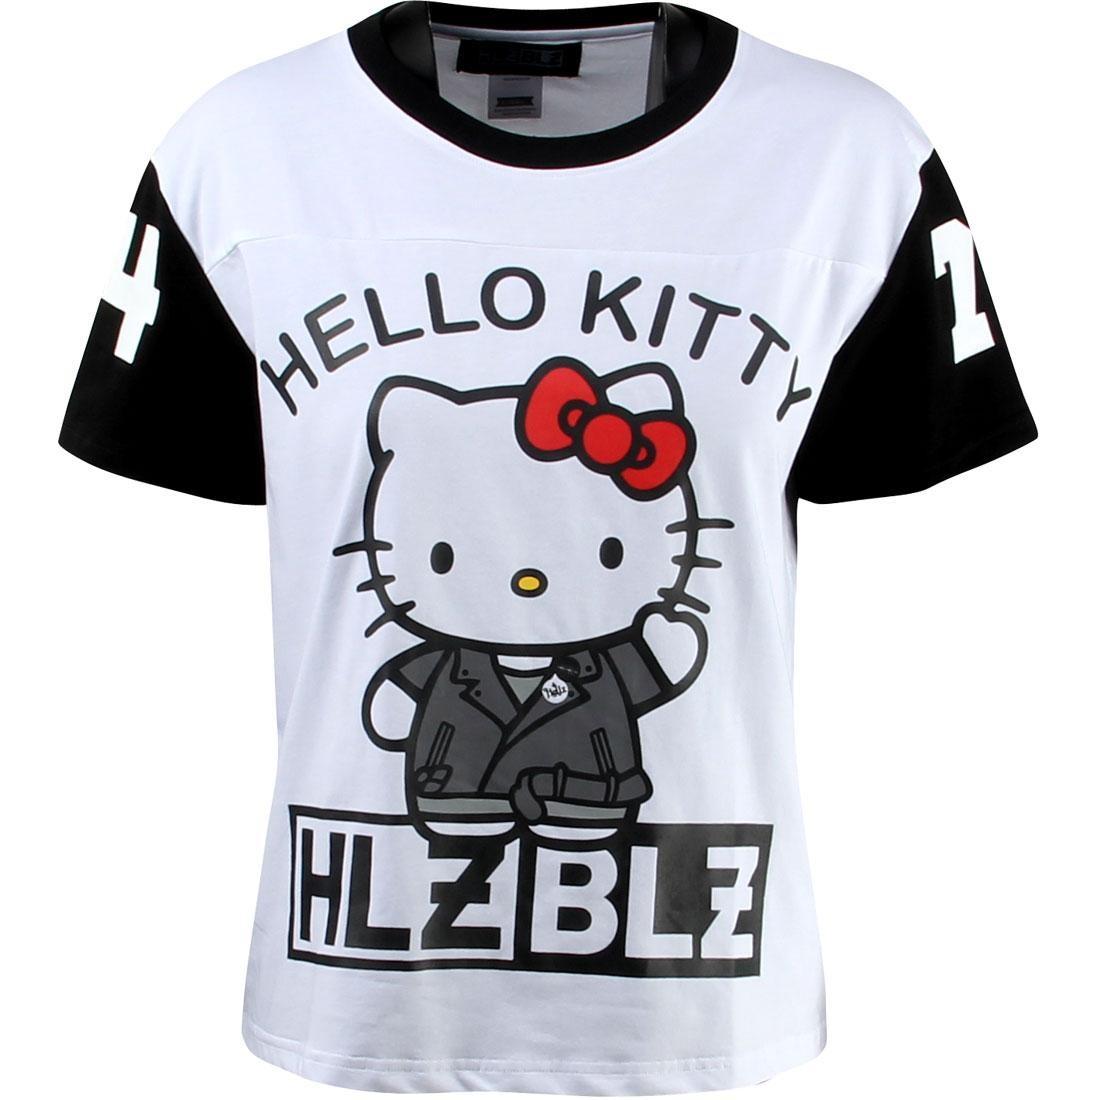 【海外限定】ジャージ トップス Tシャツ 【 HLZBLZ X HELLO KITTY WOMEN HI HELLZ JERSEY WHITE 】